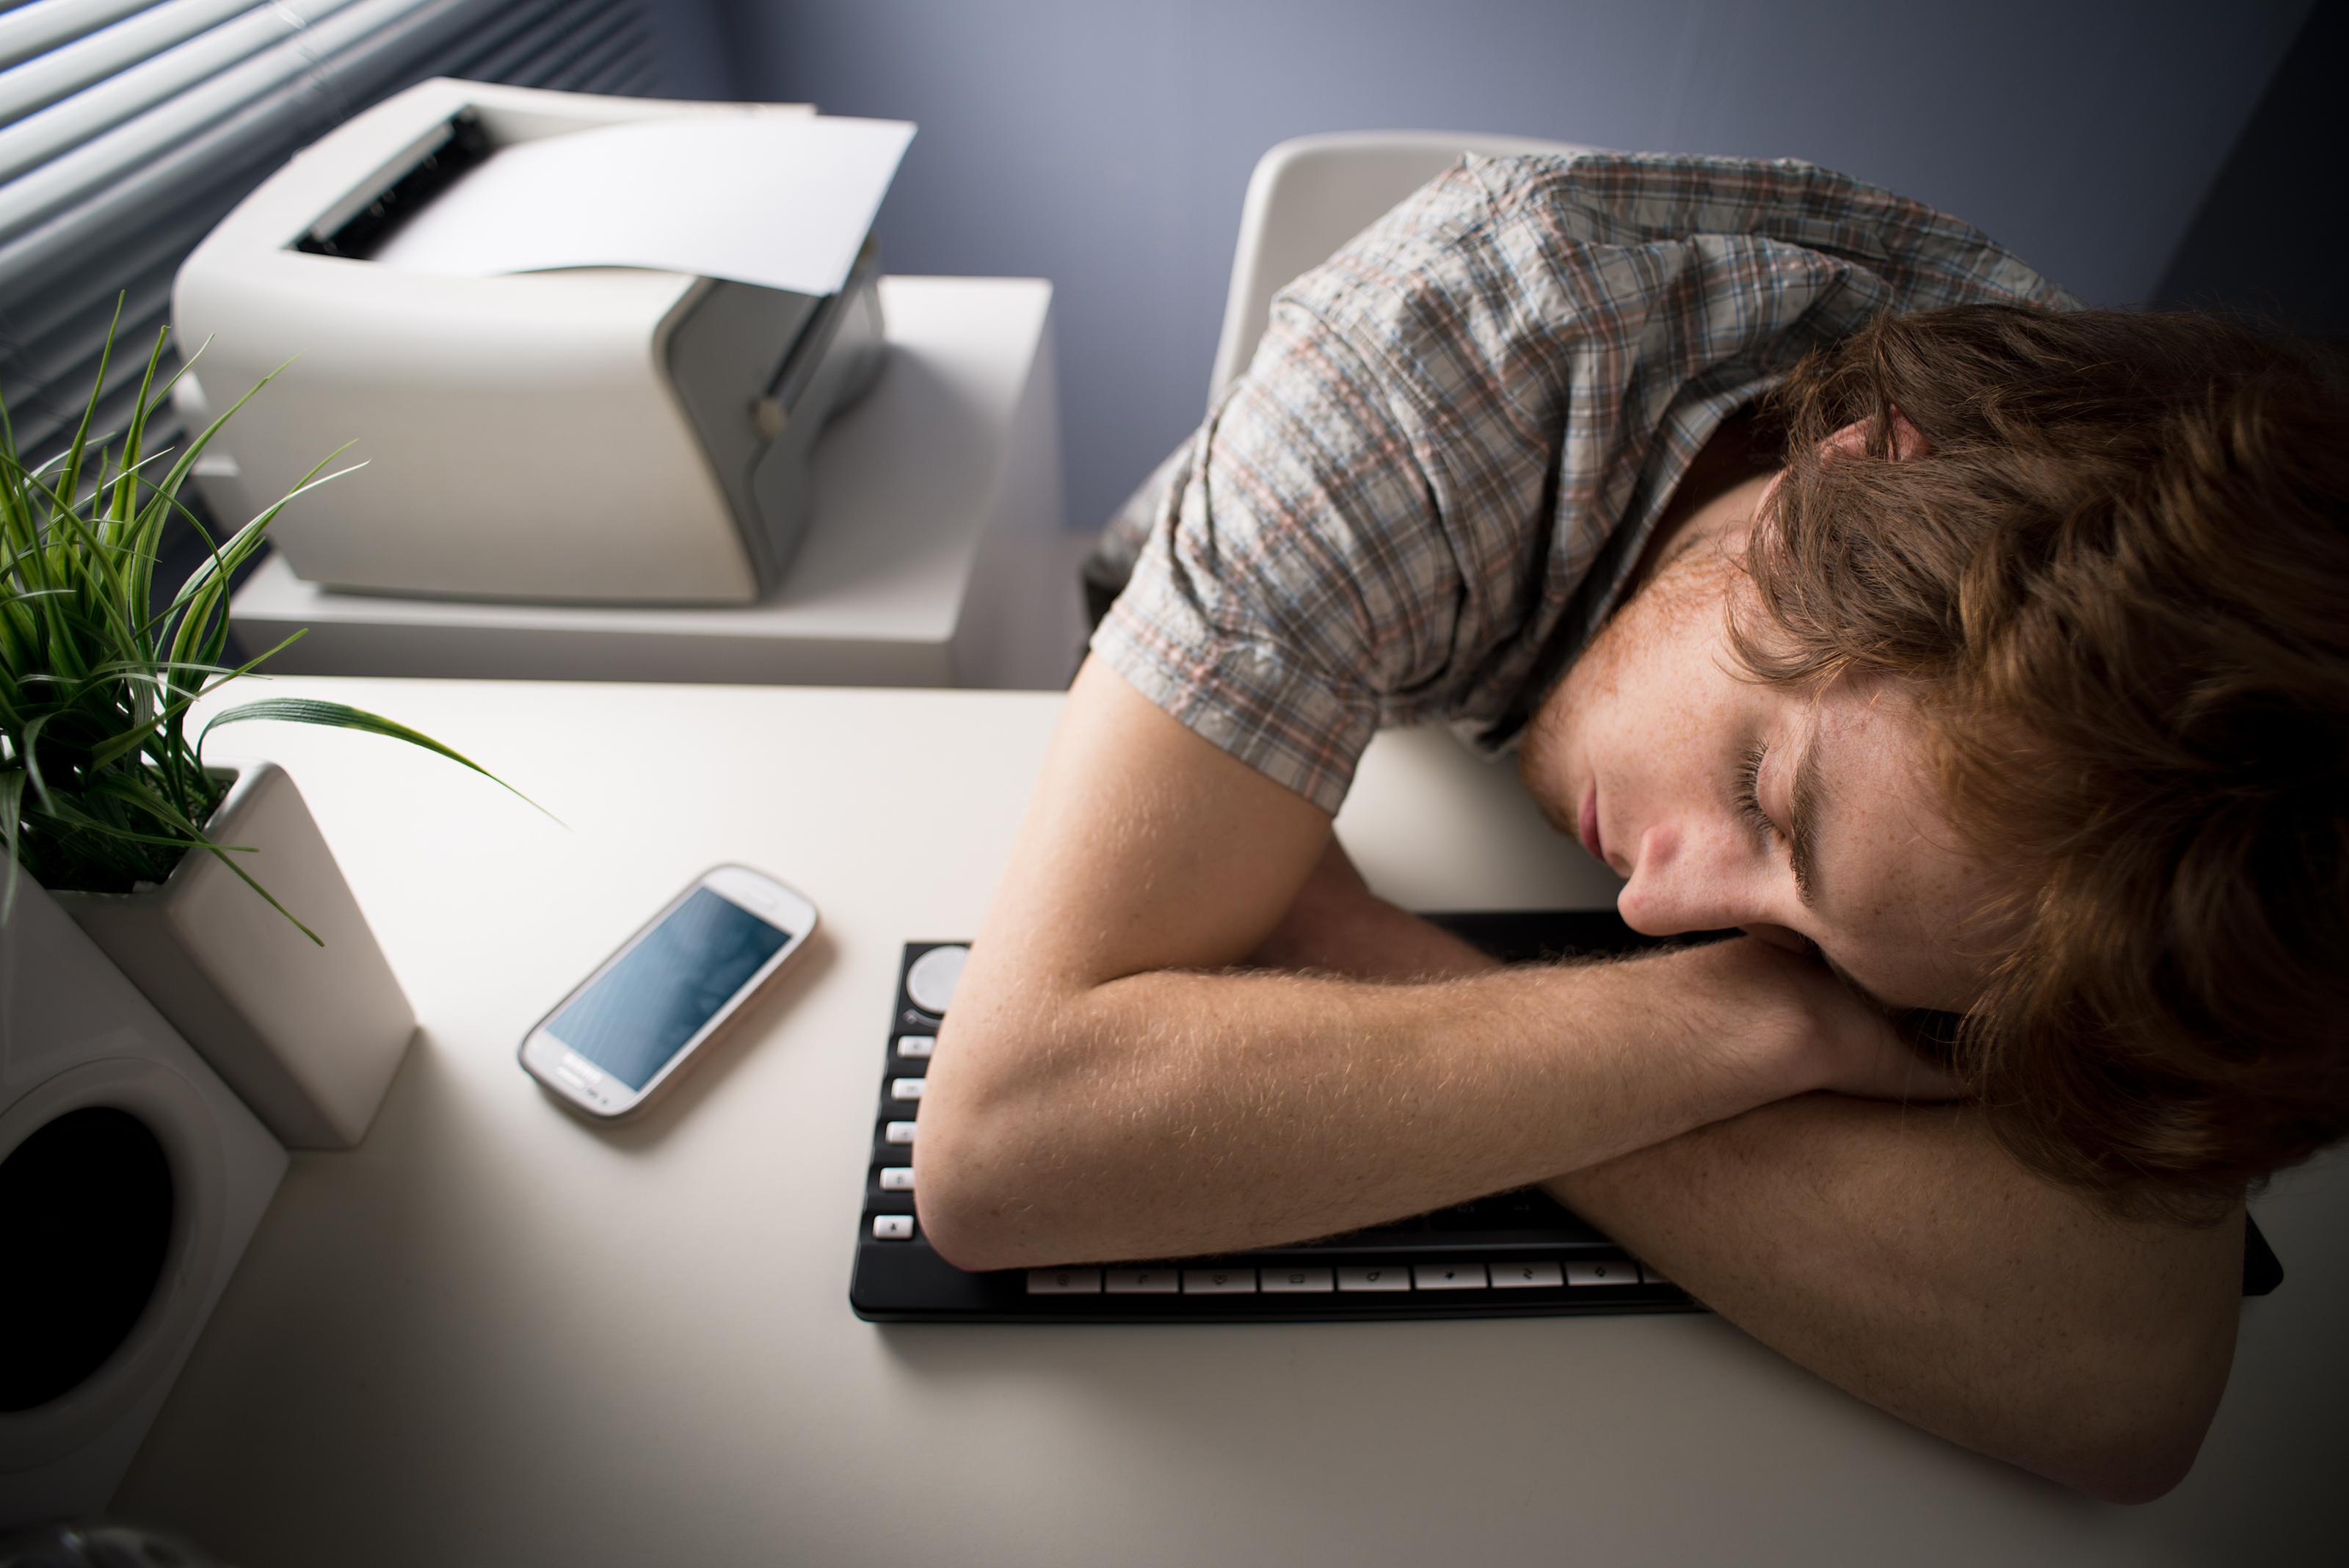 Stora företag som Google och Apple tillåter tupplur på jobbet för att öka sina anställdas produktivitet.